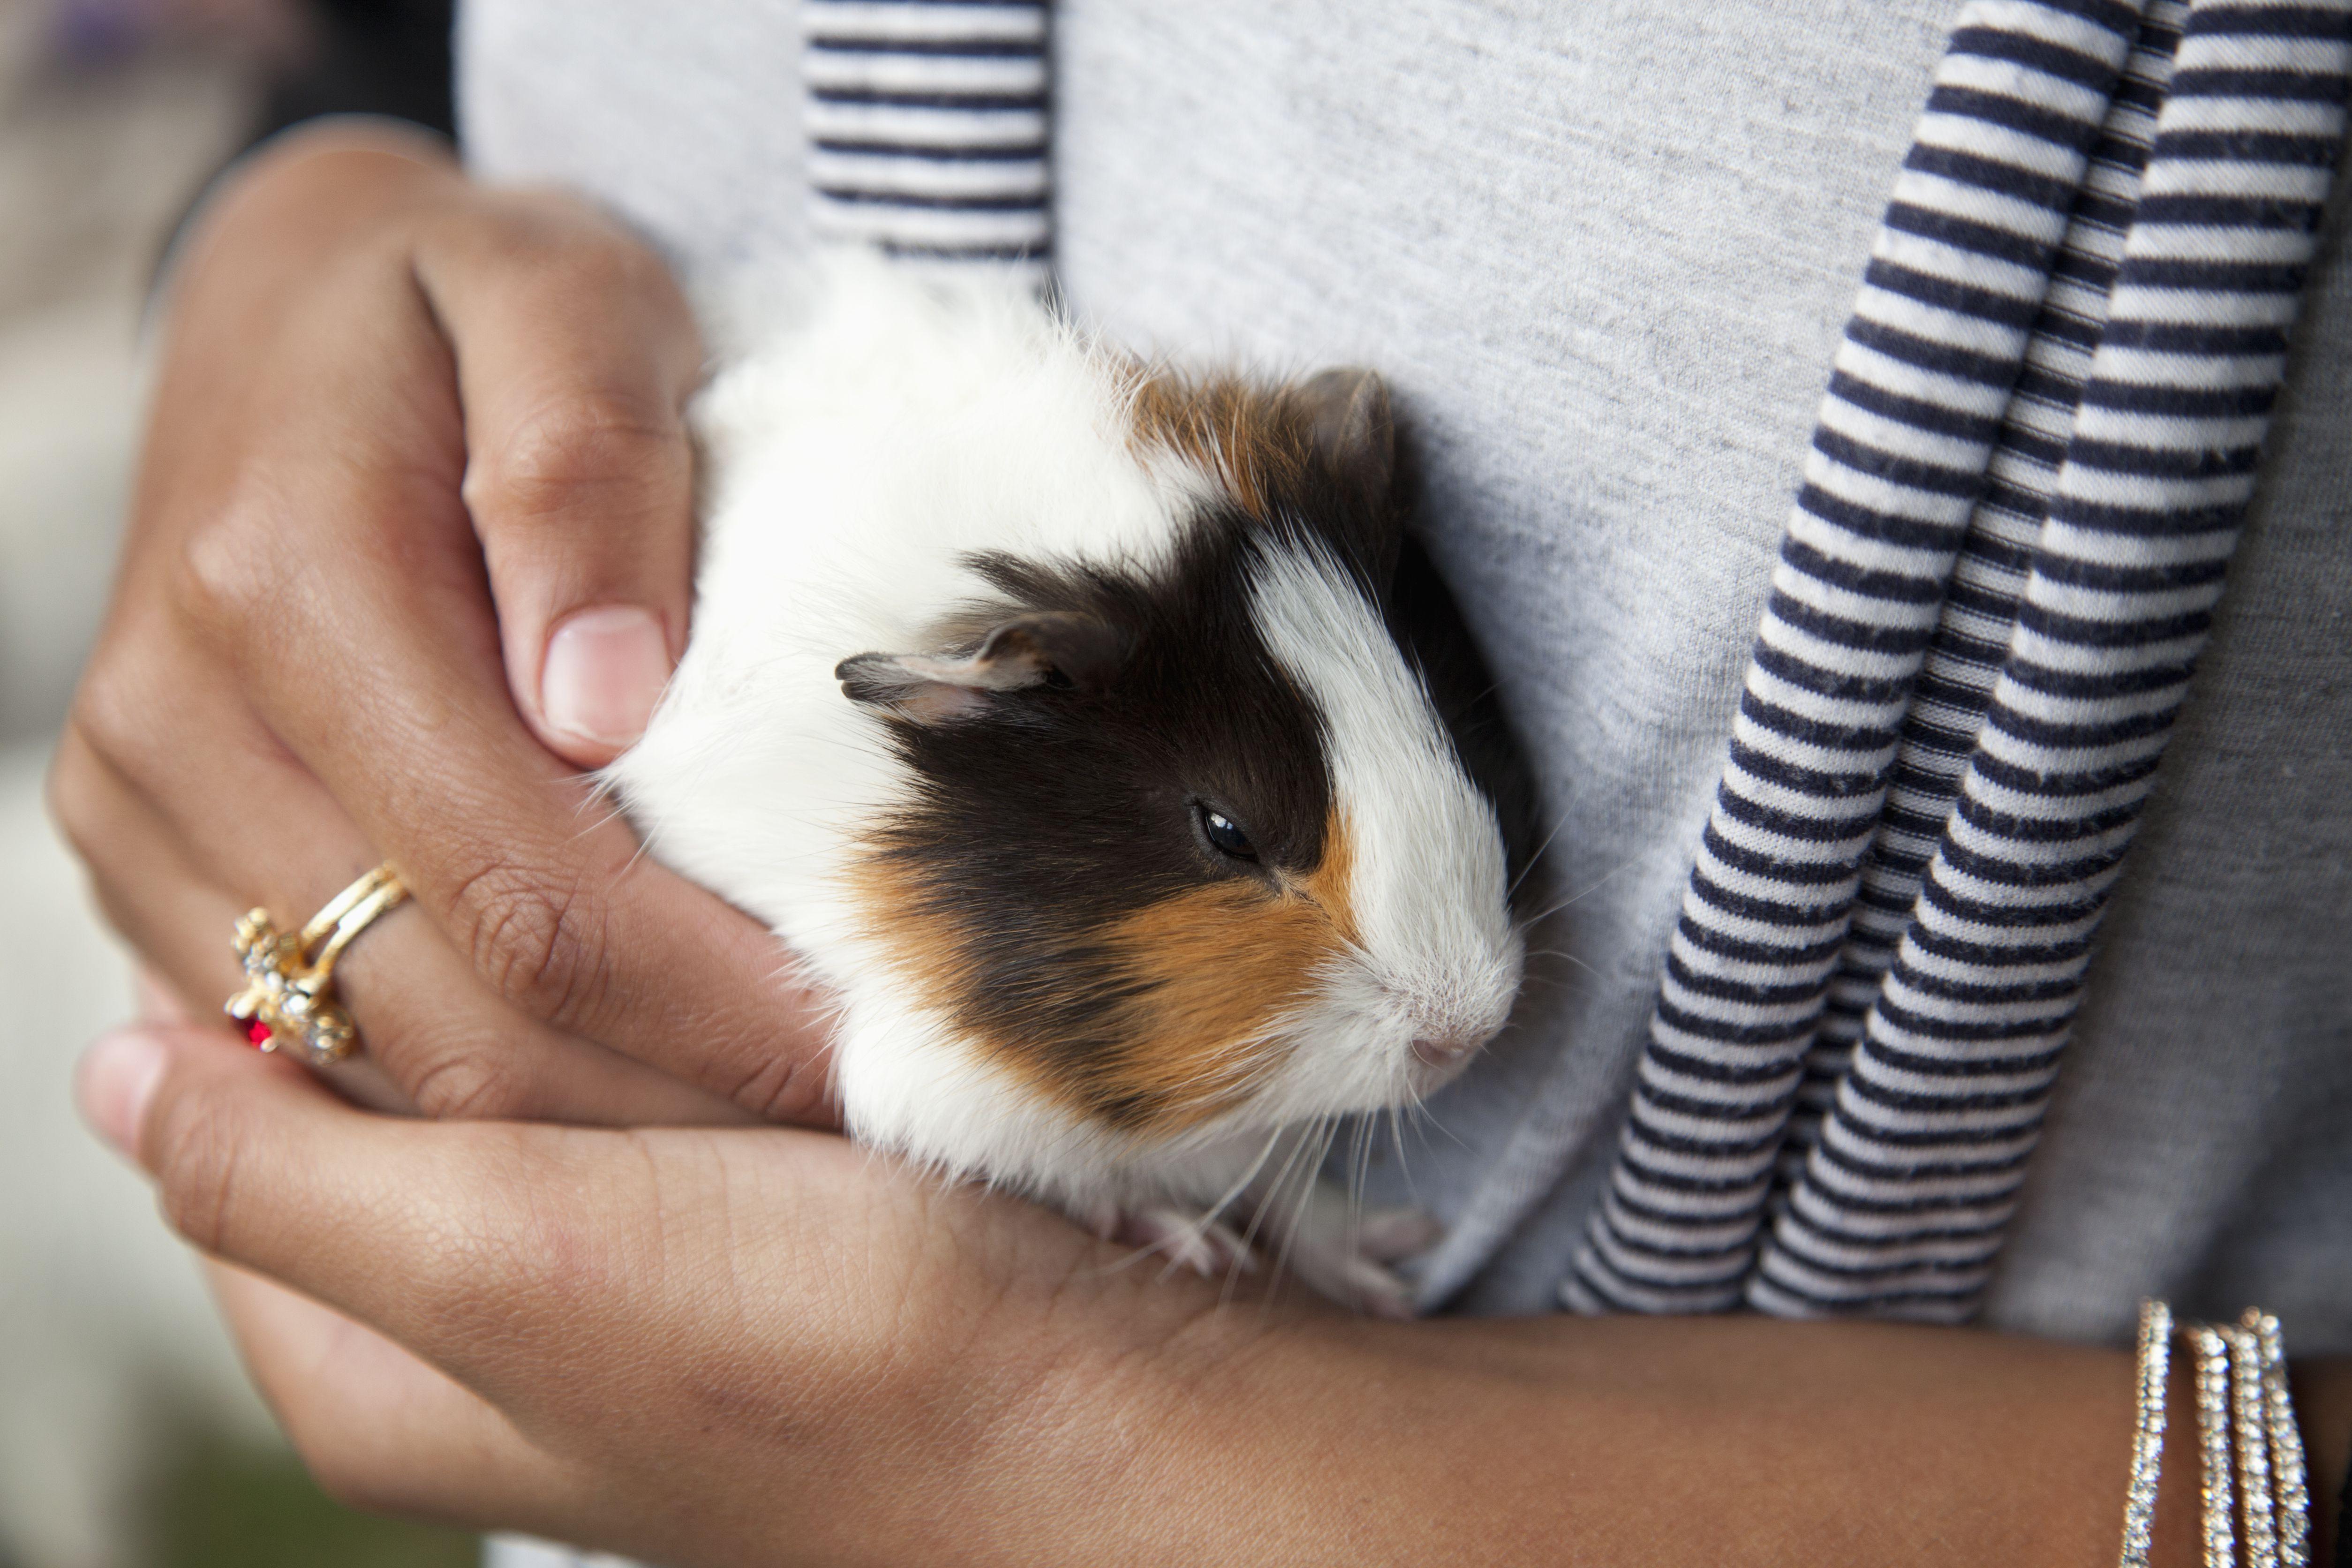 farm-pet-guinea-pig-cavia-porcellus-153342162-58ad98553df78c345b874f67.jpg